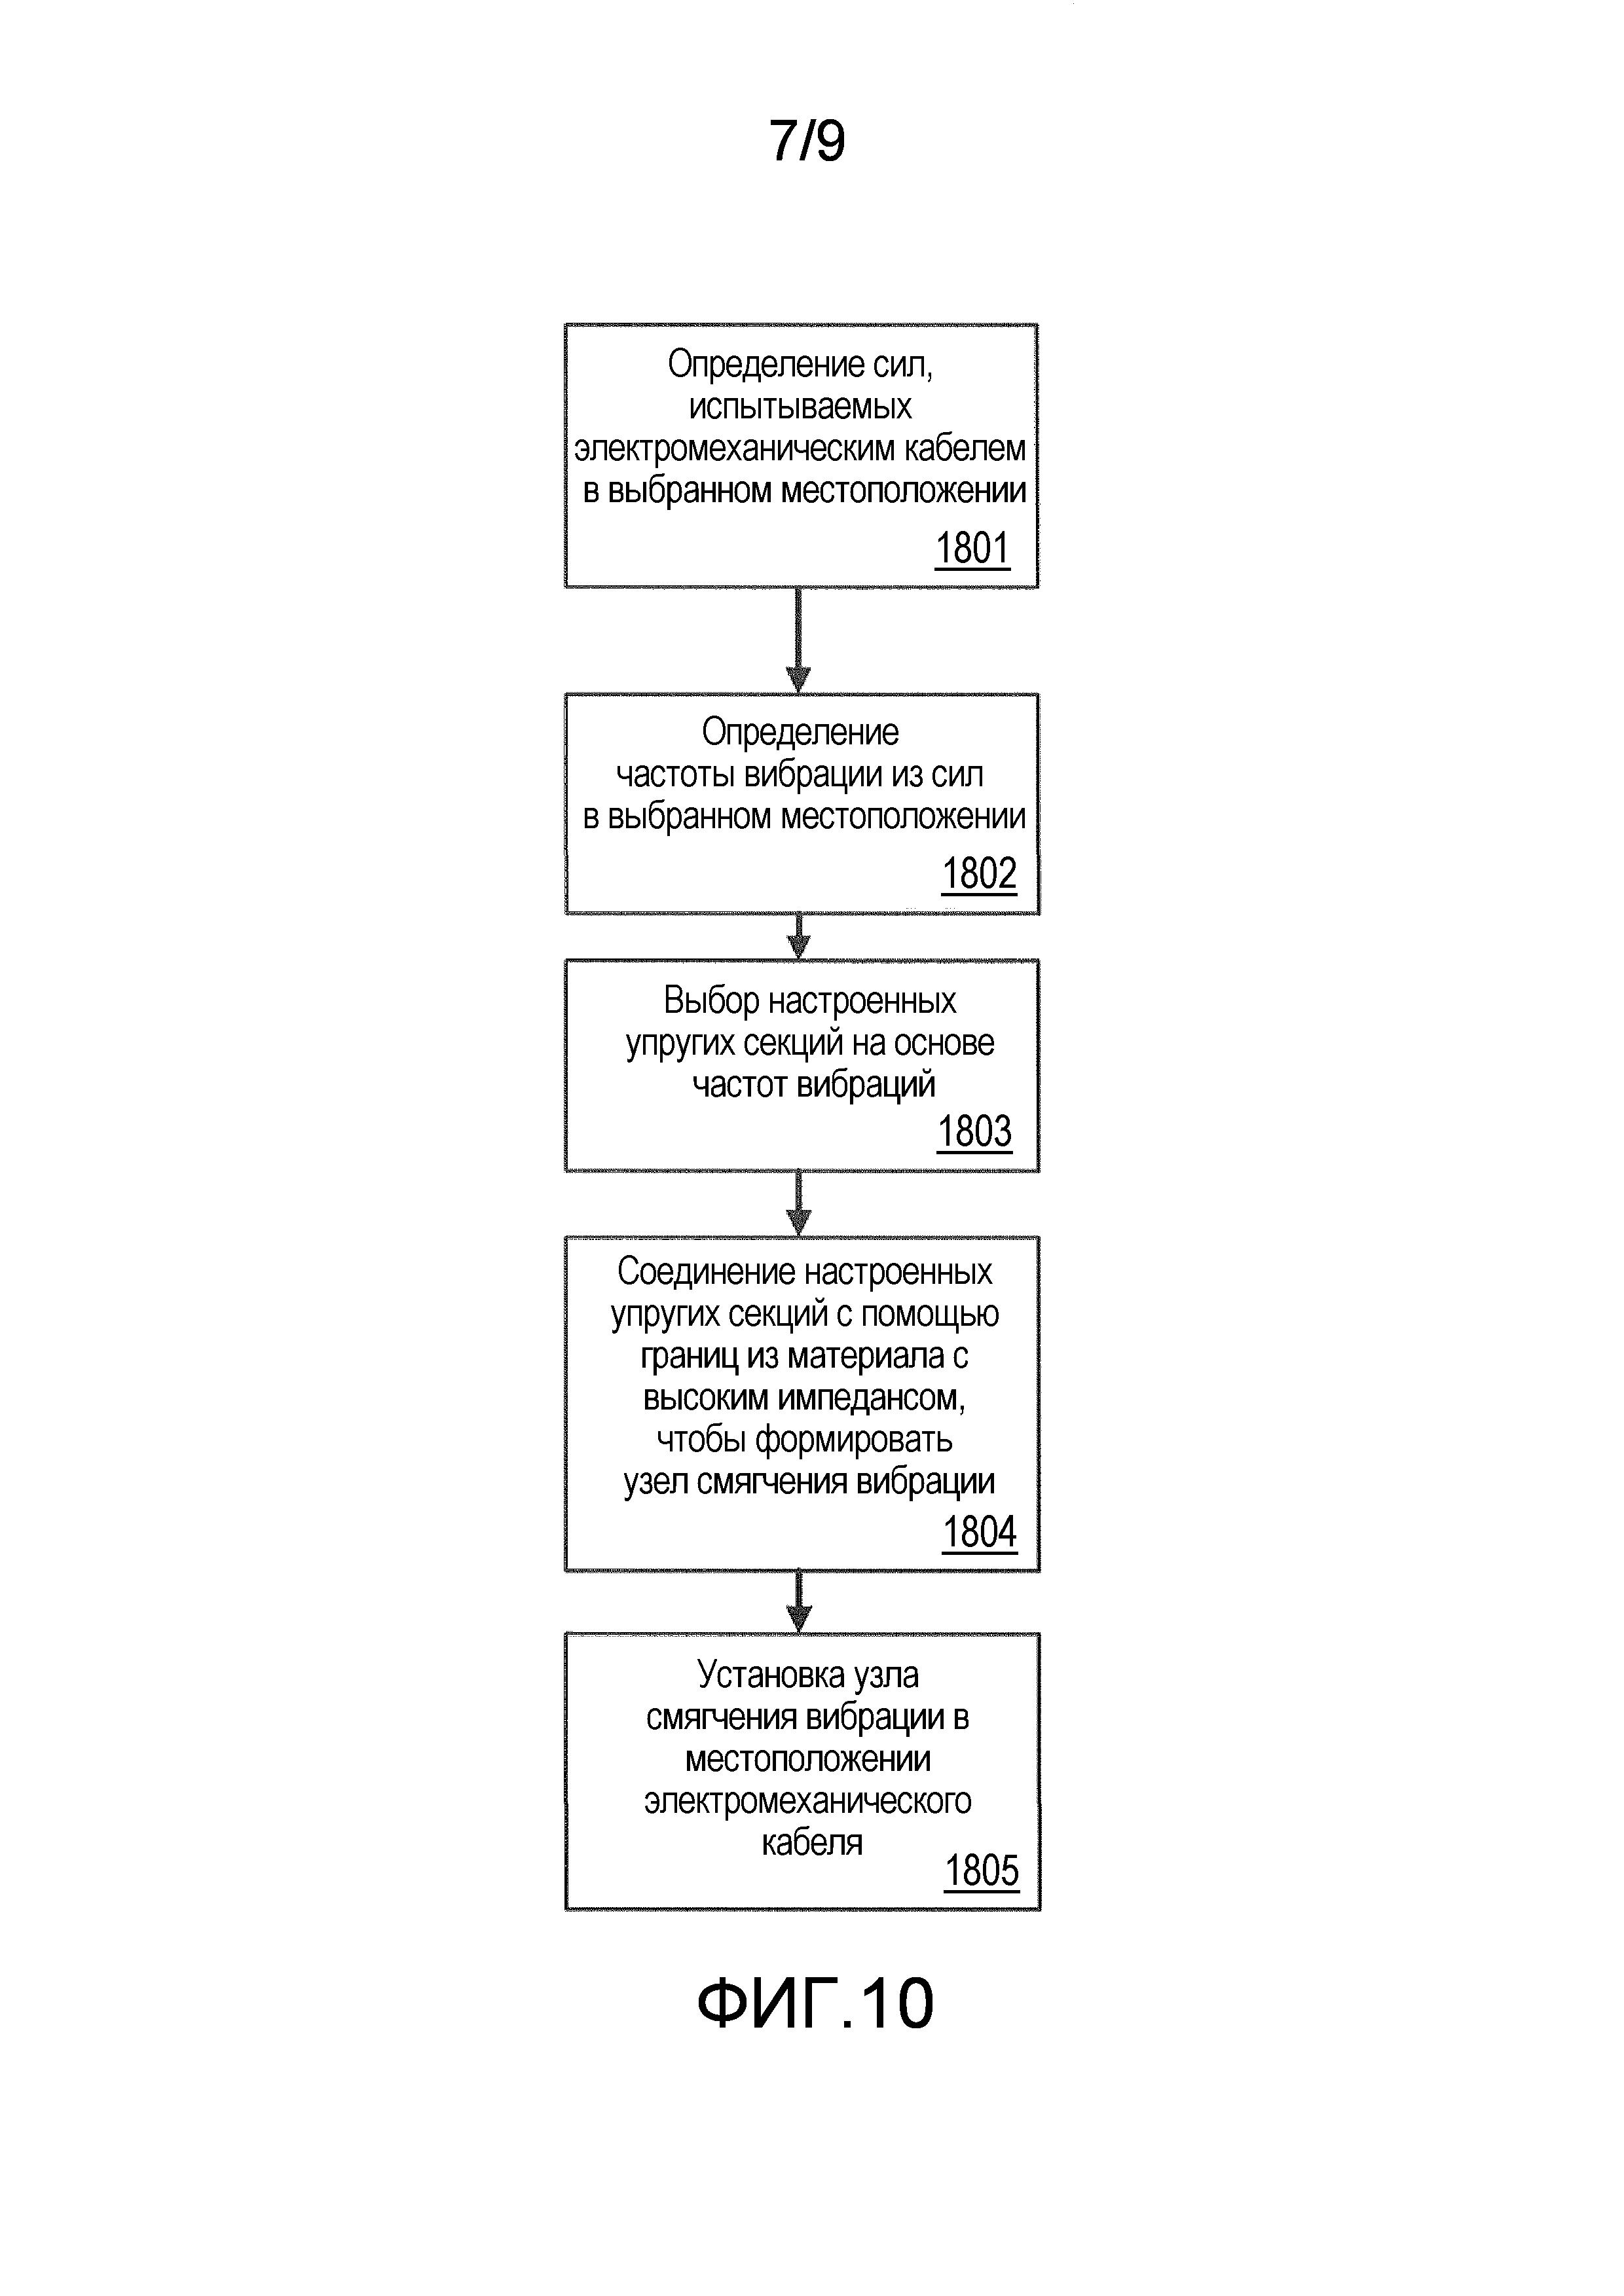 Устройство и способ подавления динамического поведения кабеля